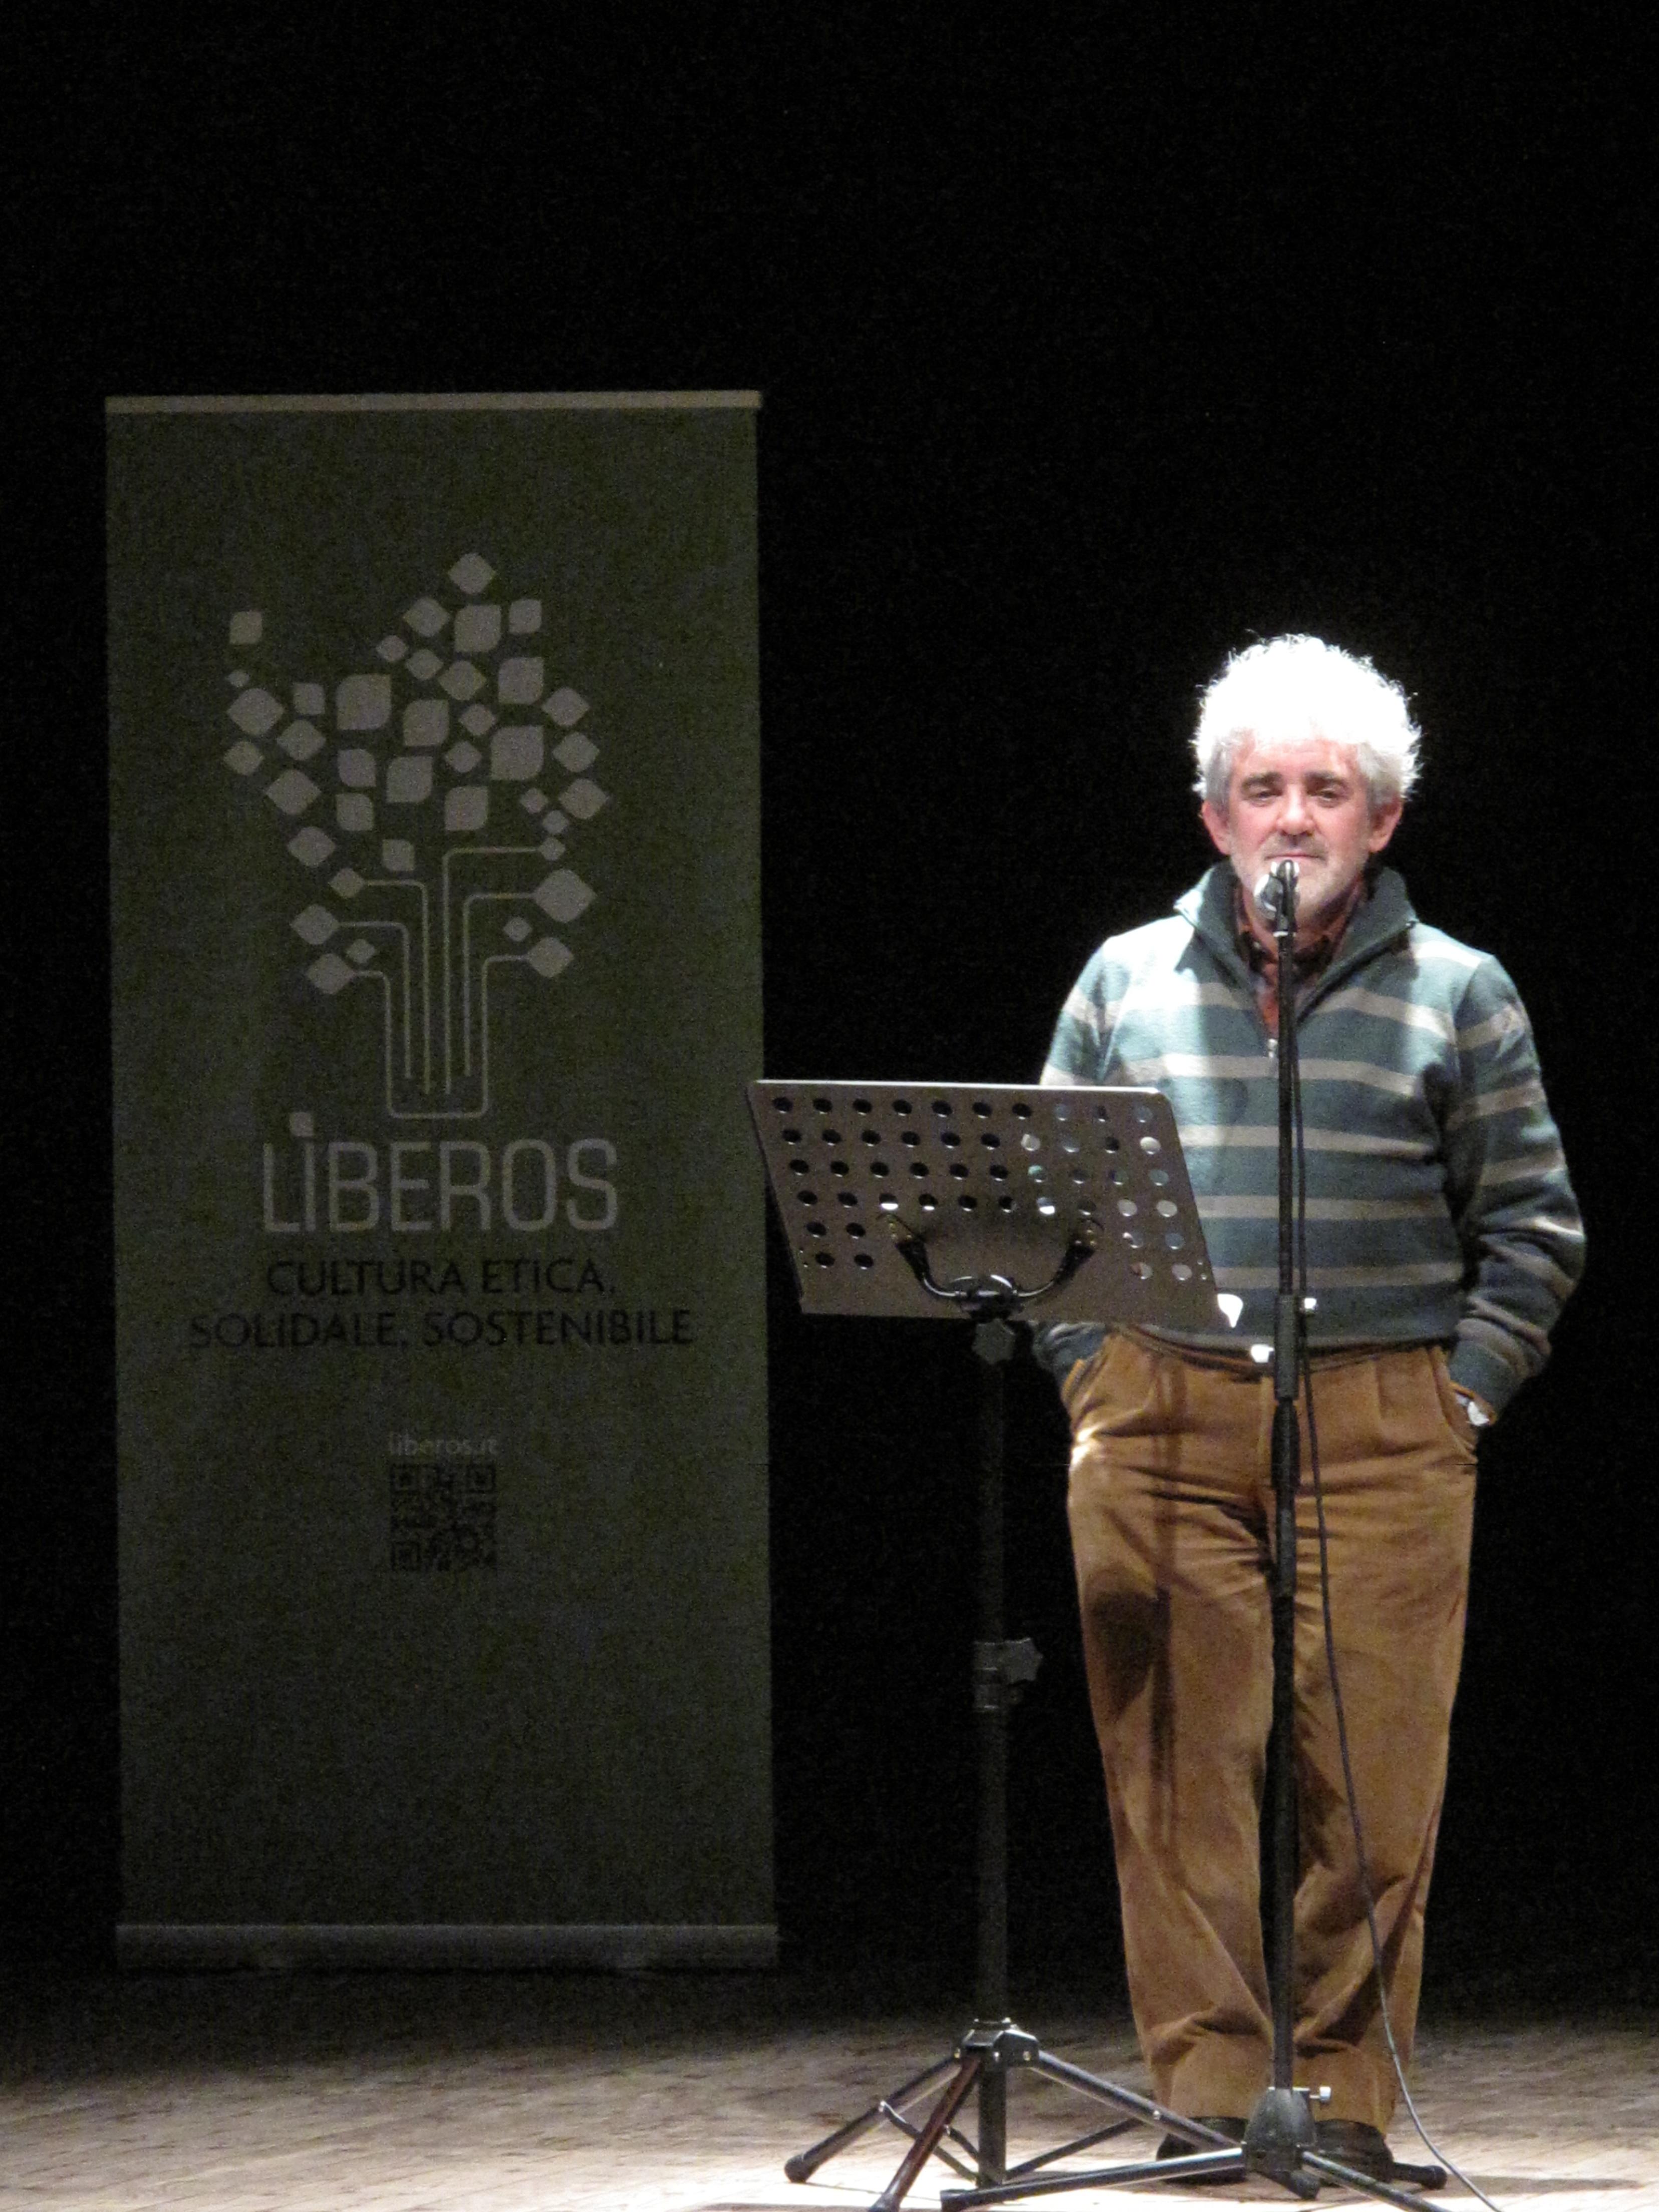 Gli scrittori sardi ricordano Sergio Atzeni, Bruno Tognolini, Teatro Massimo, Cagliari, 11 gennaio 2015